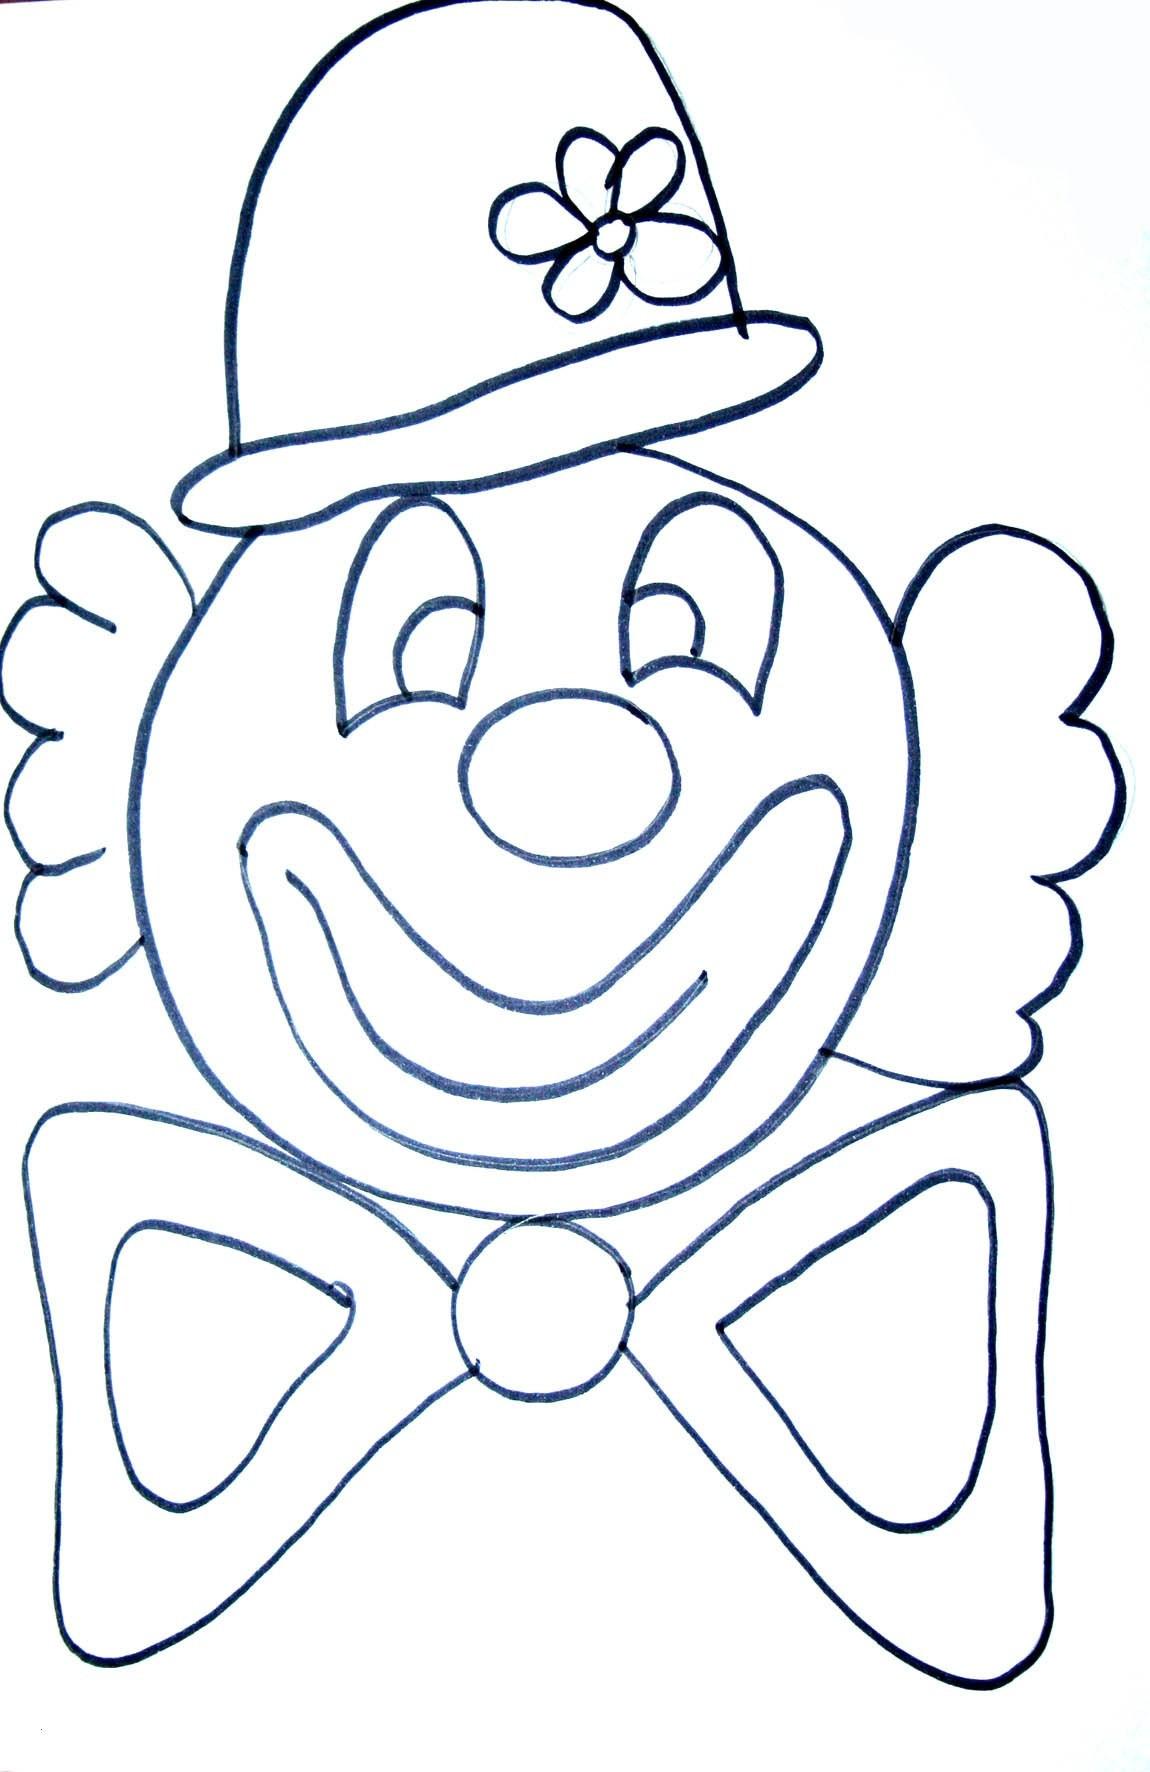 Clowns Zum Ausmalen Neu 40 Clown Ausmalbilder Ausdrucken Scoredatscore Best Clowns Galerie